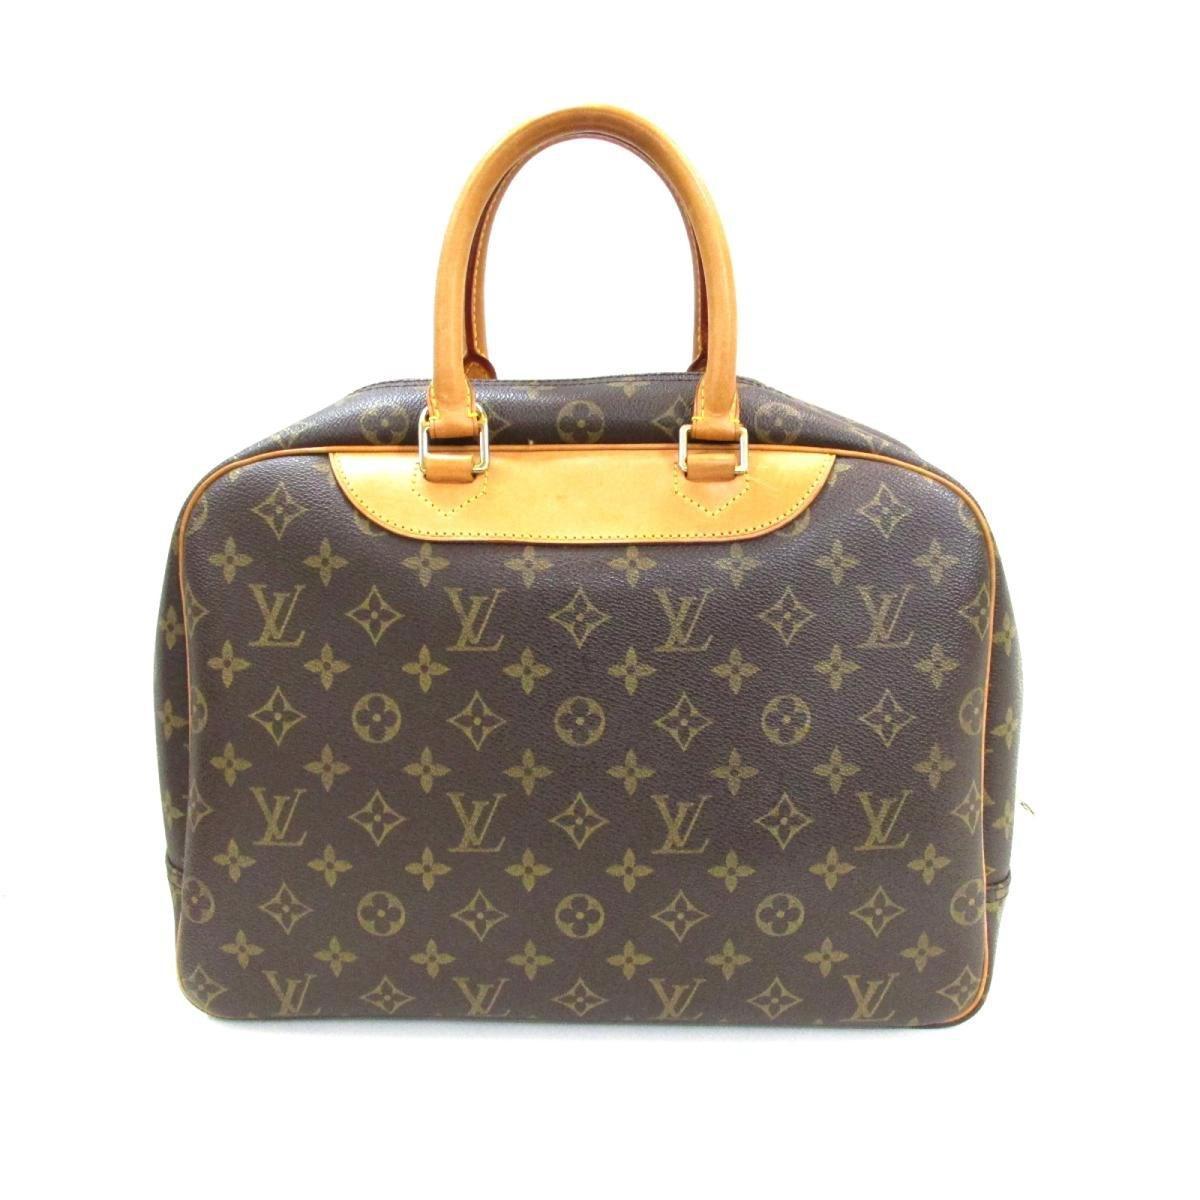 73aa046704bd Lyst - Louis Vuitton Authentic Deauville Handbag M47270 Monogram ...